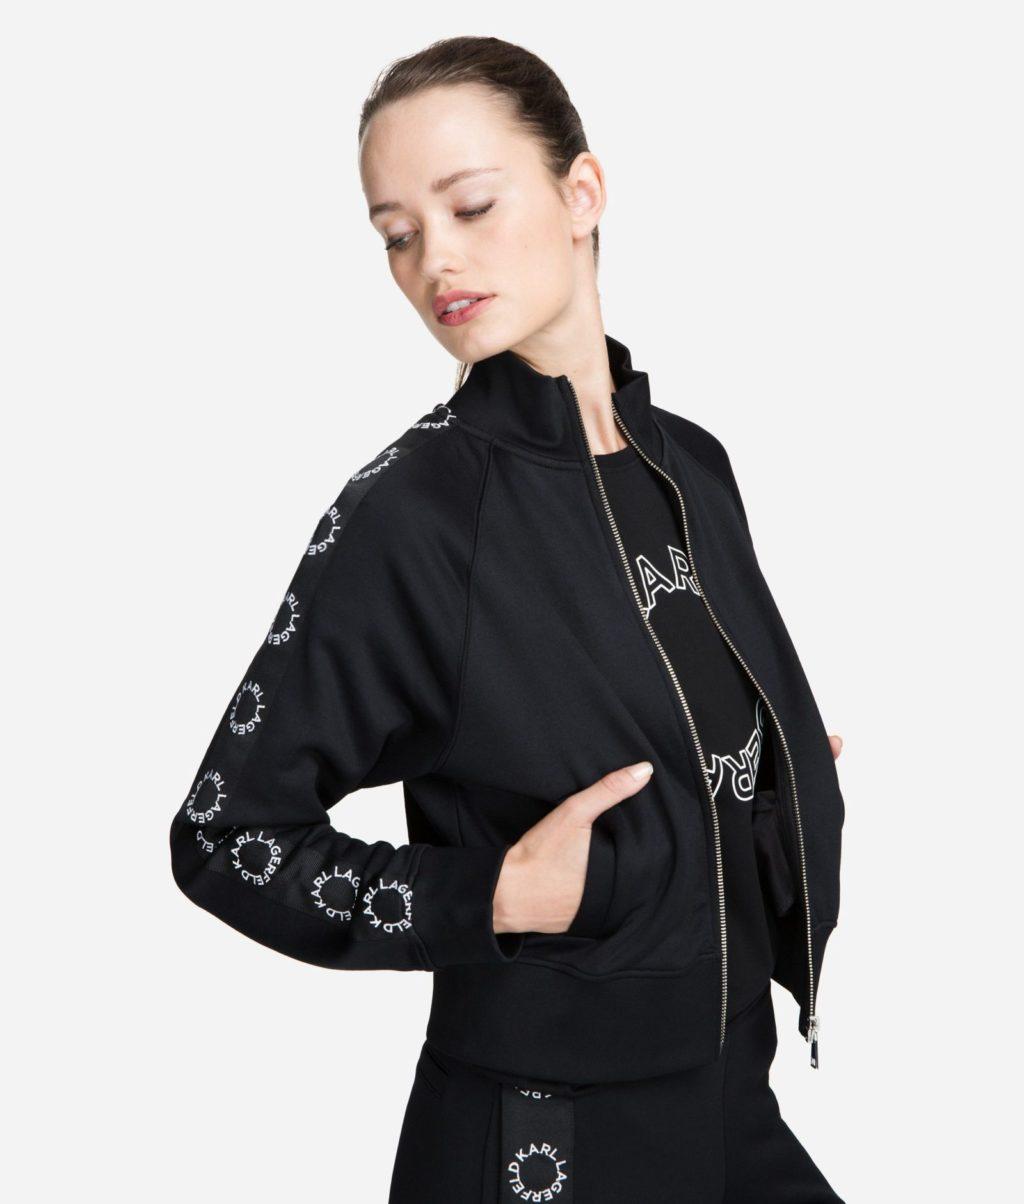 Karl Lagerfeld Sort Sweatshirt Med Lynlås